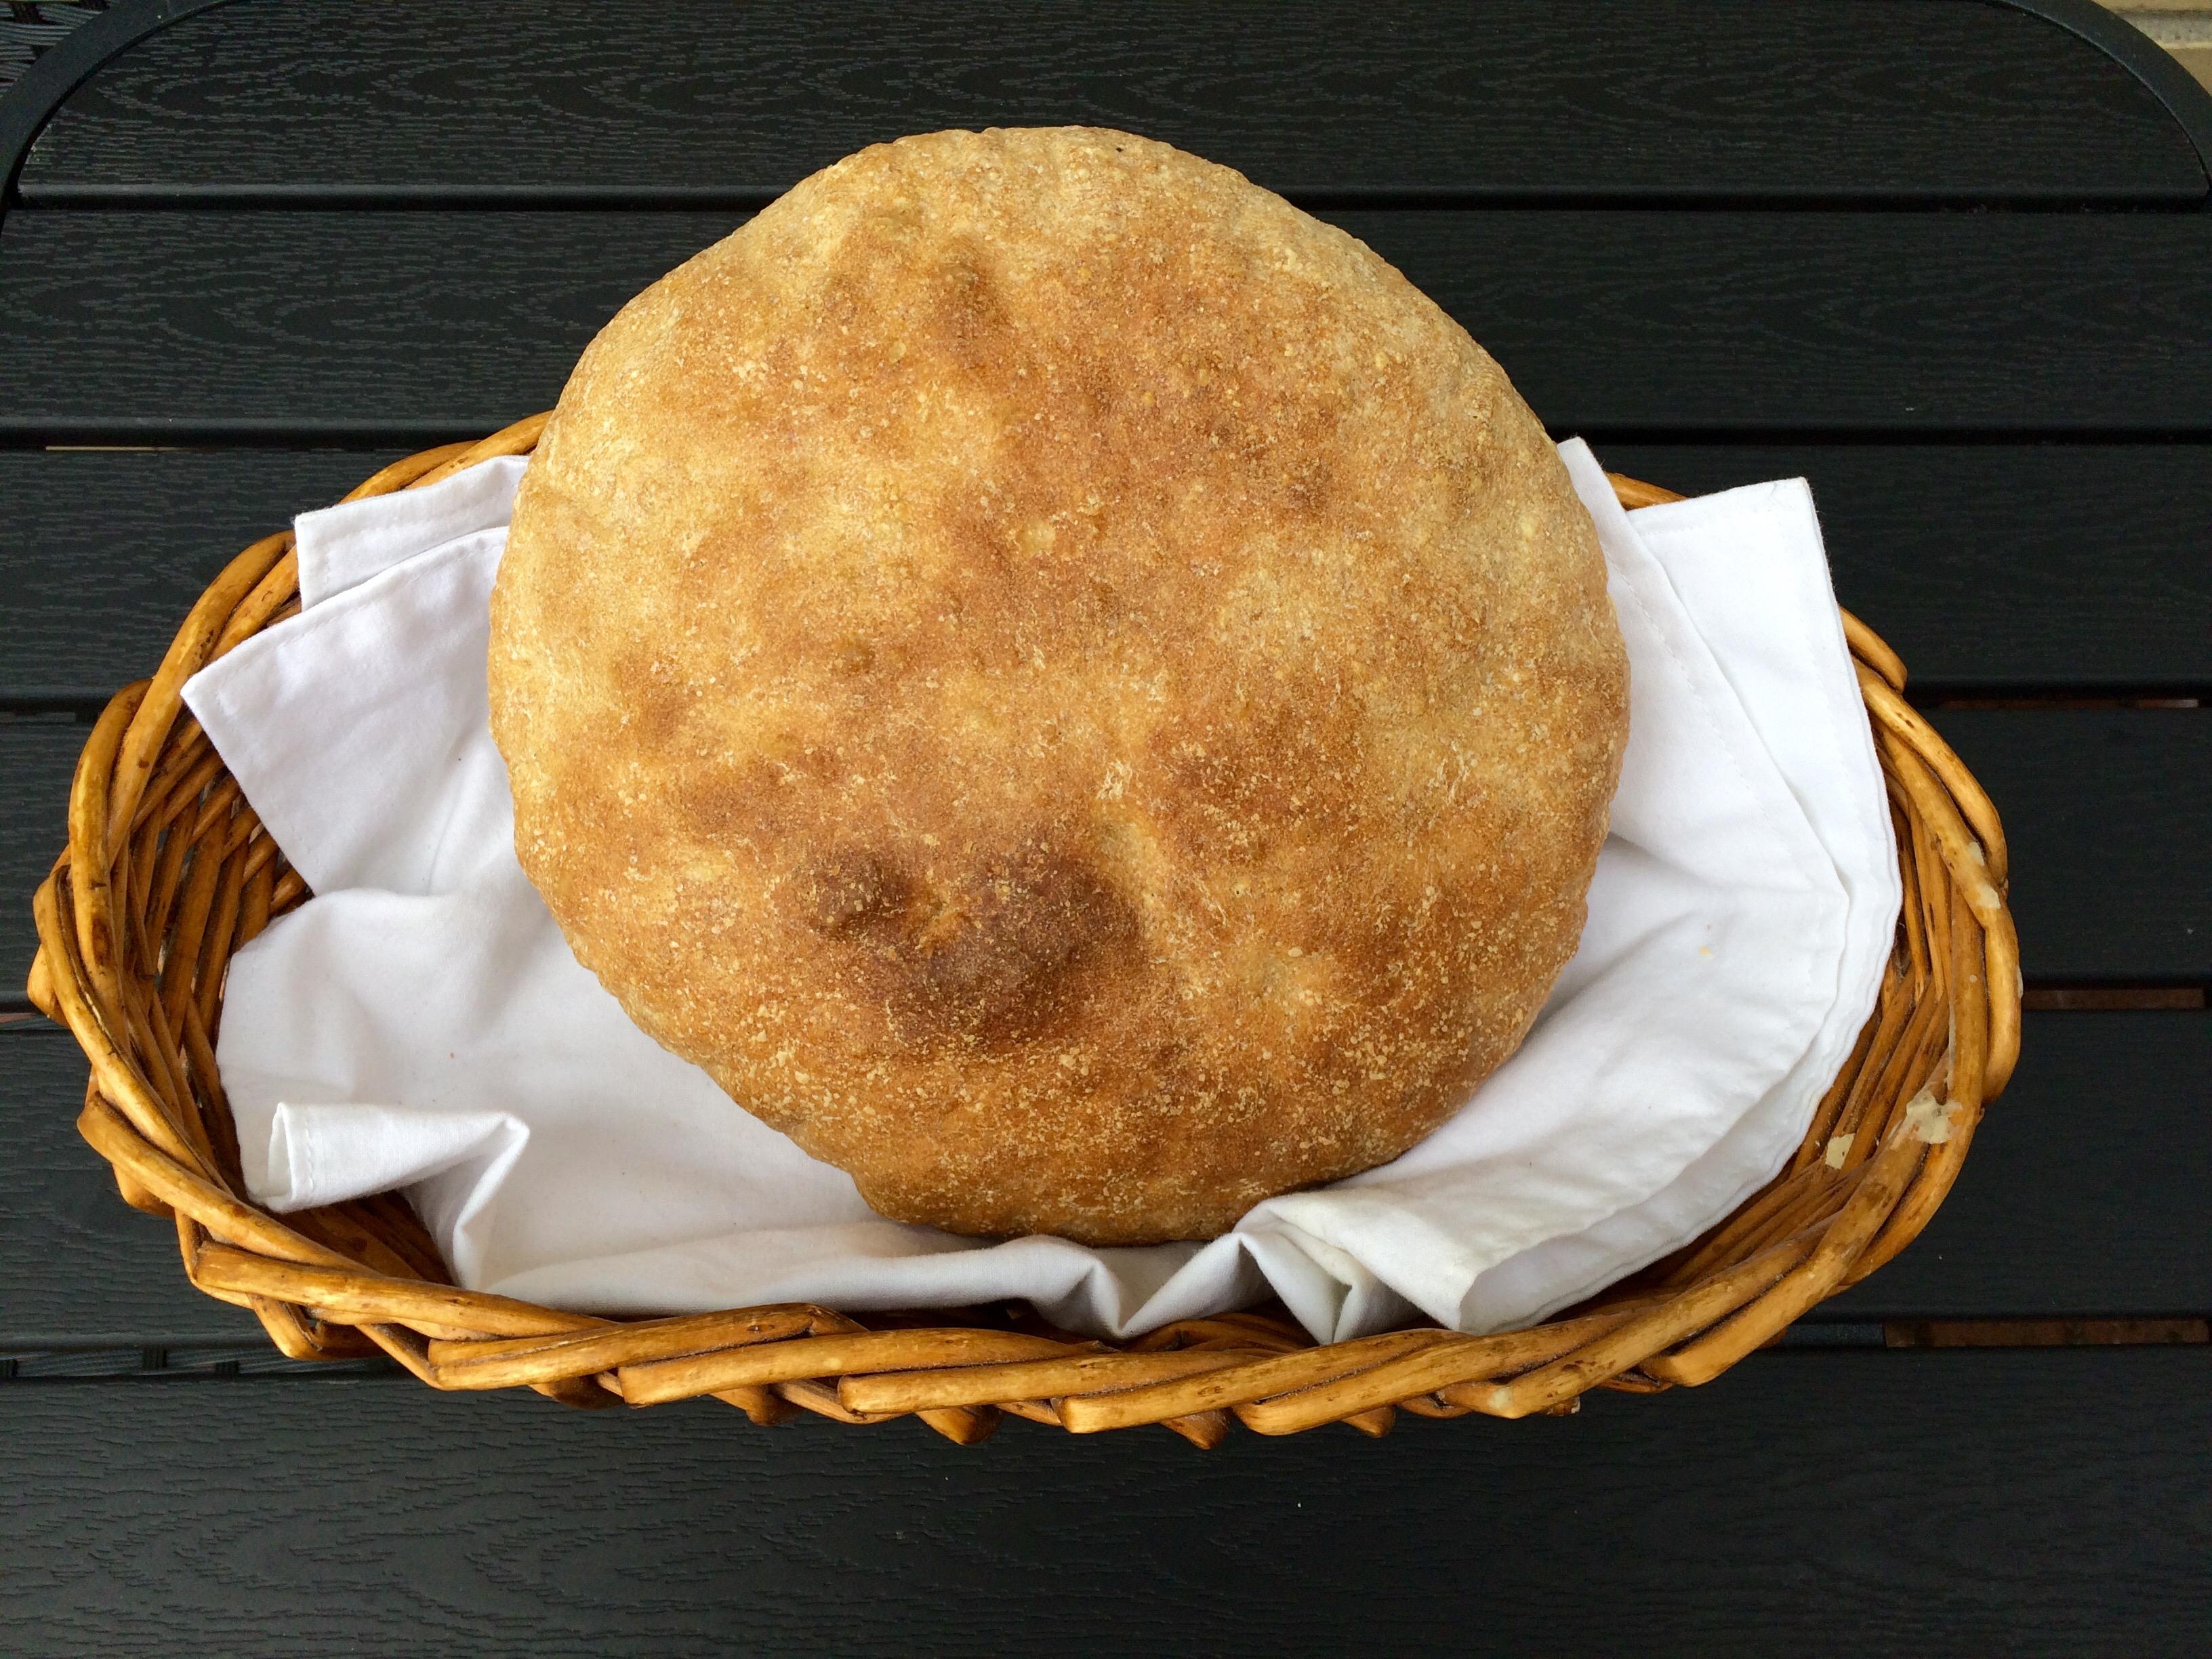 Ternin maalaisleipä – Pane di Terni